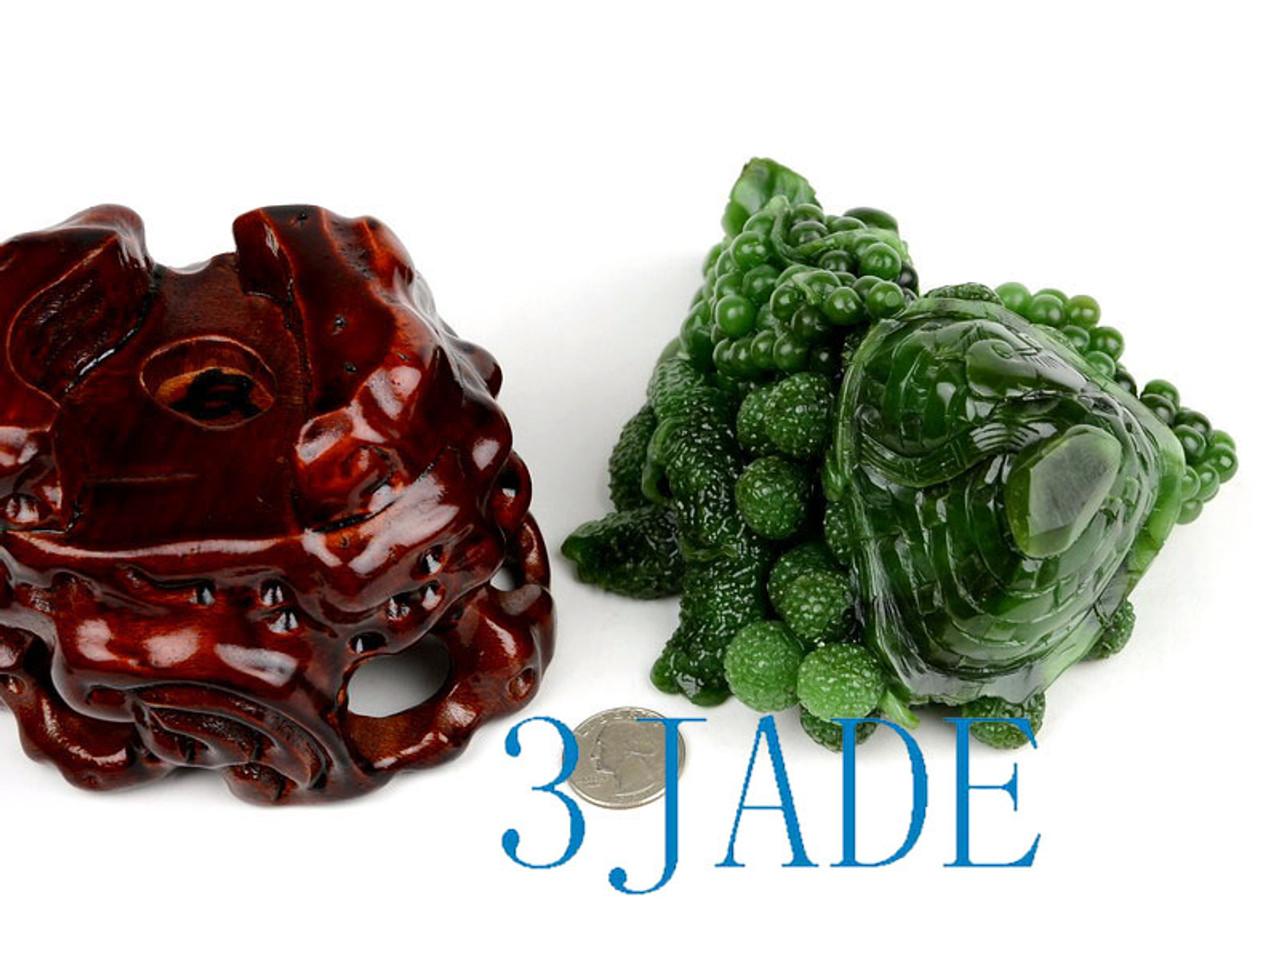 Russian Siberian Jade Carving